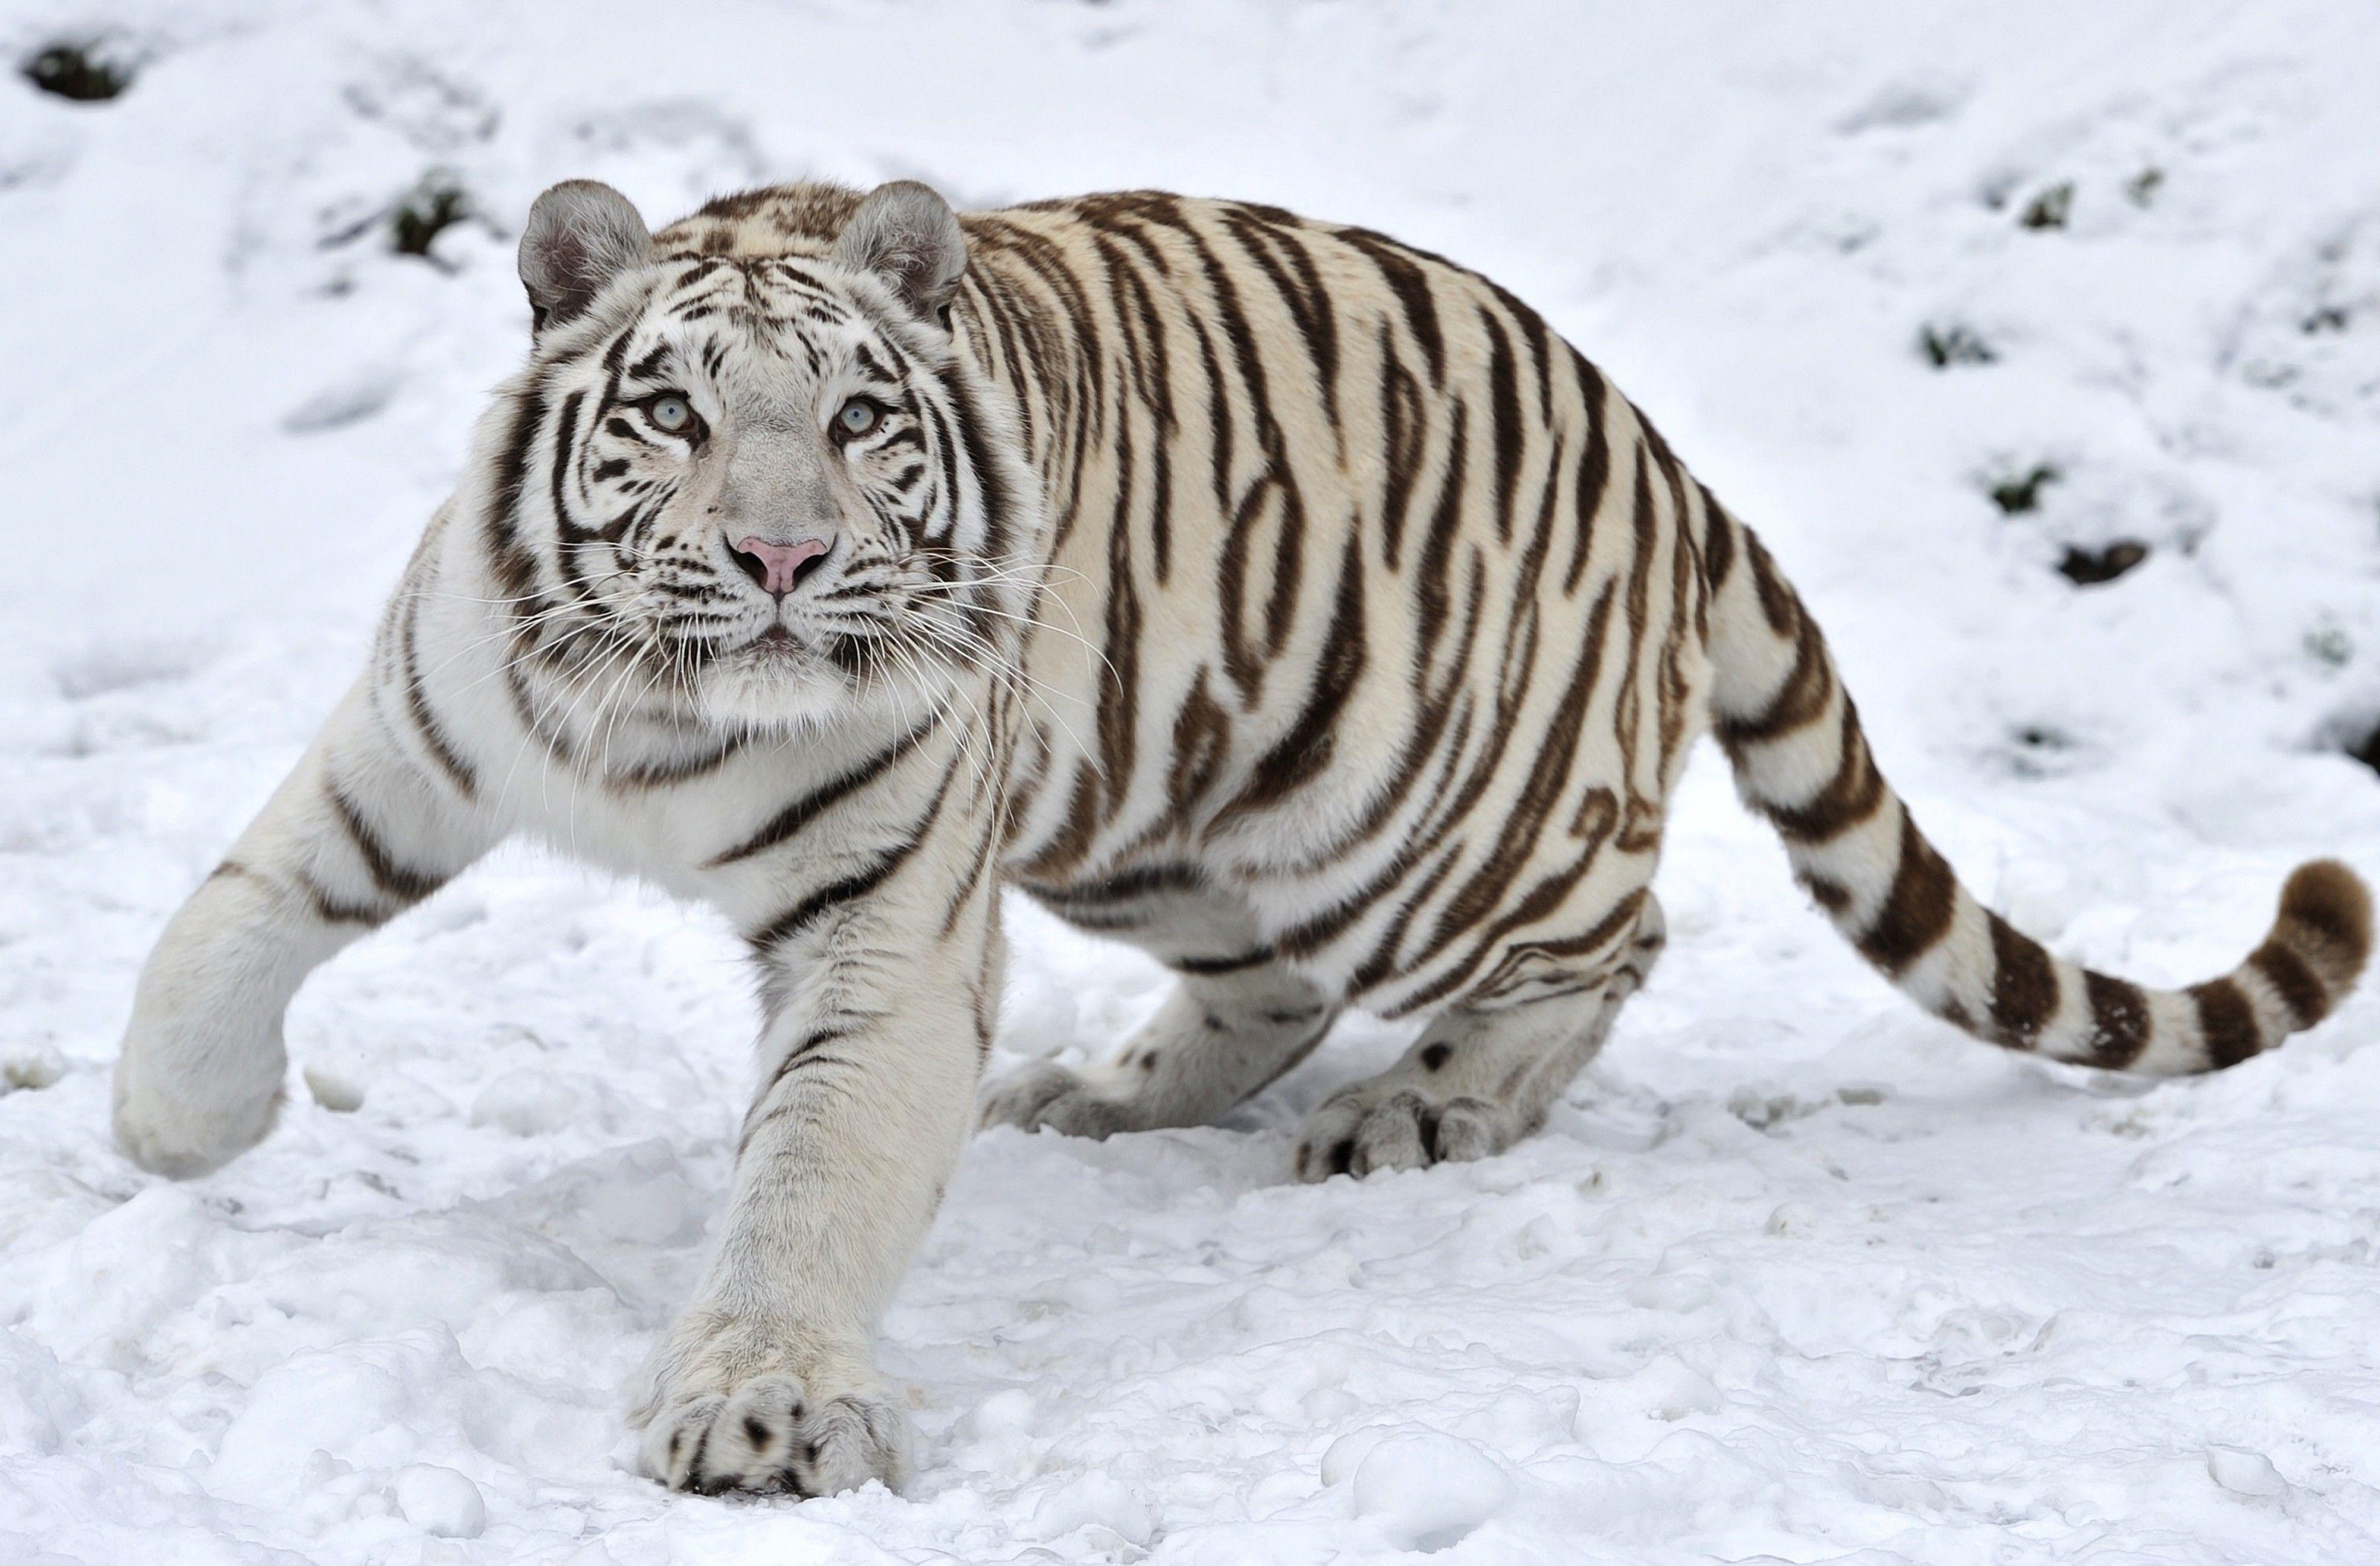 a08f08ce839df Tigre blanco hd 3200x2106 - imagenes - wallpapers gratis - Animales - fondos  de pantallas hd  2185